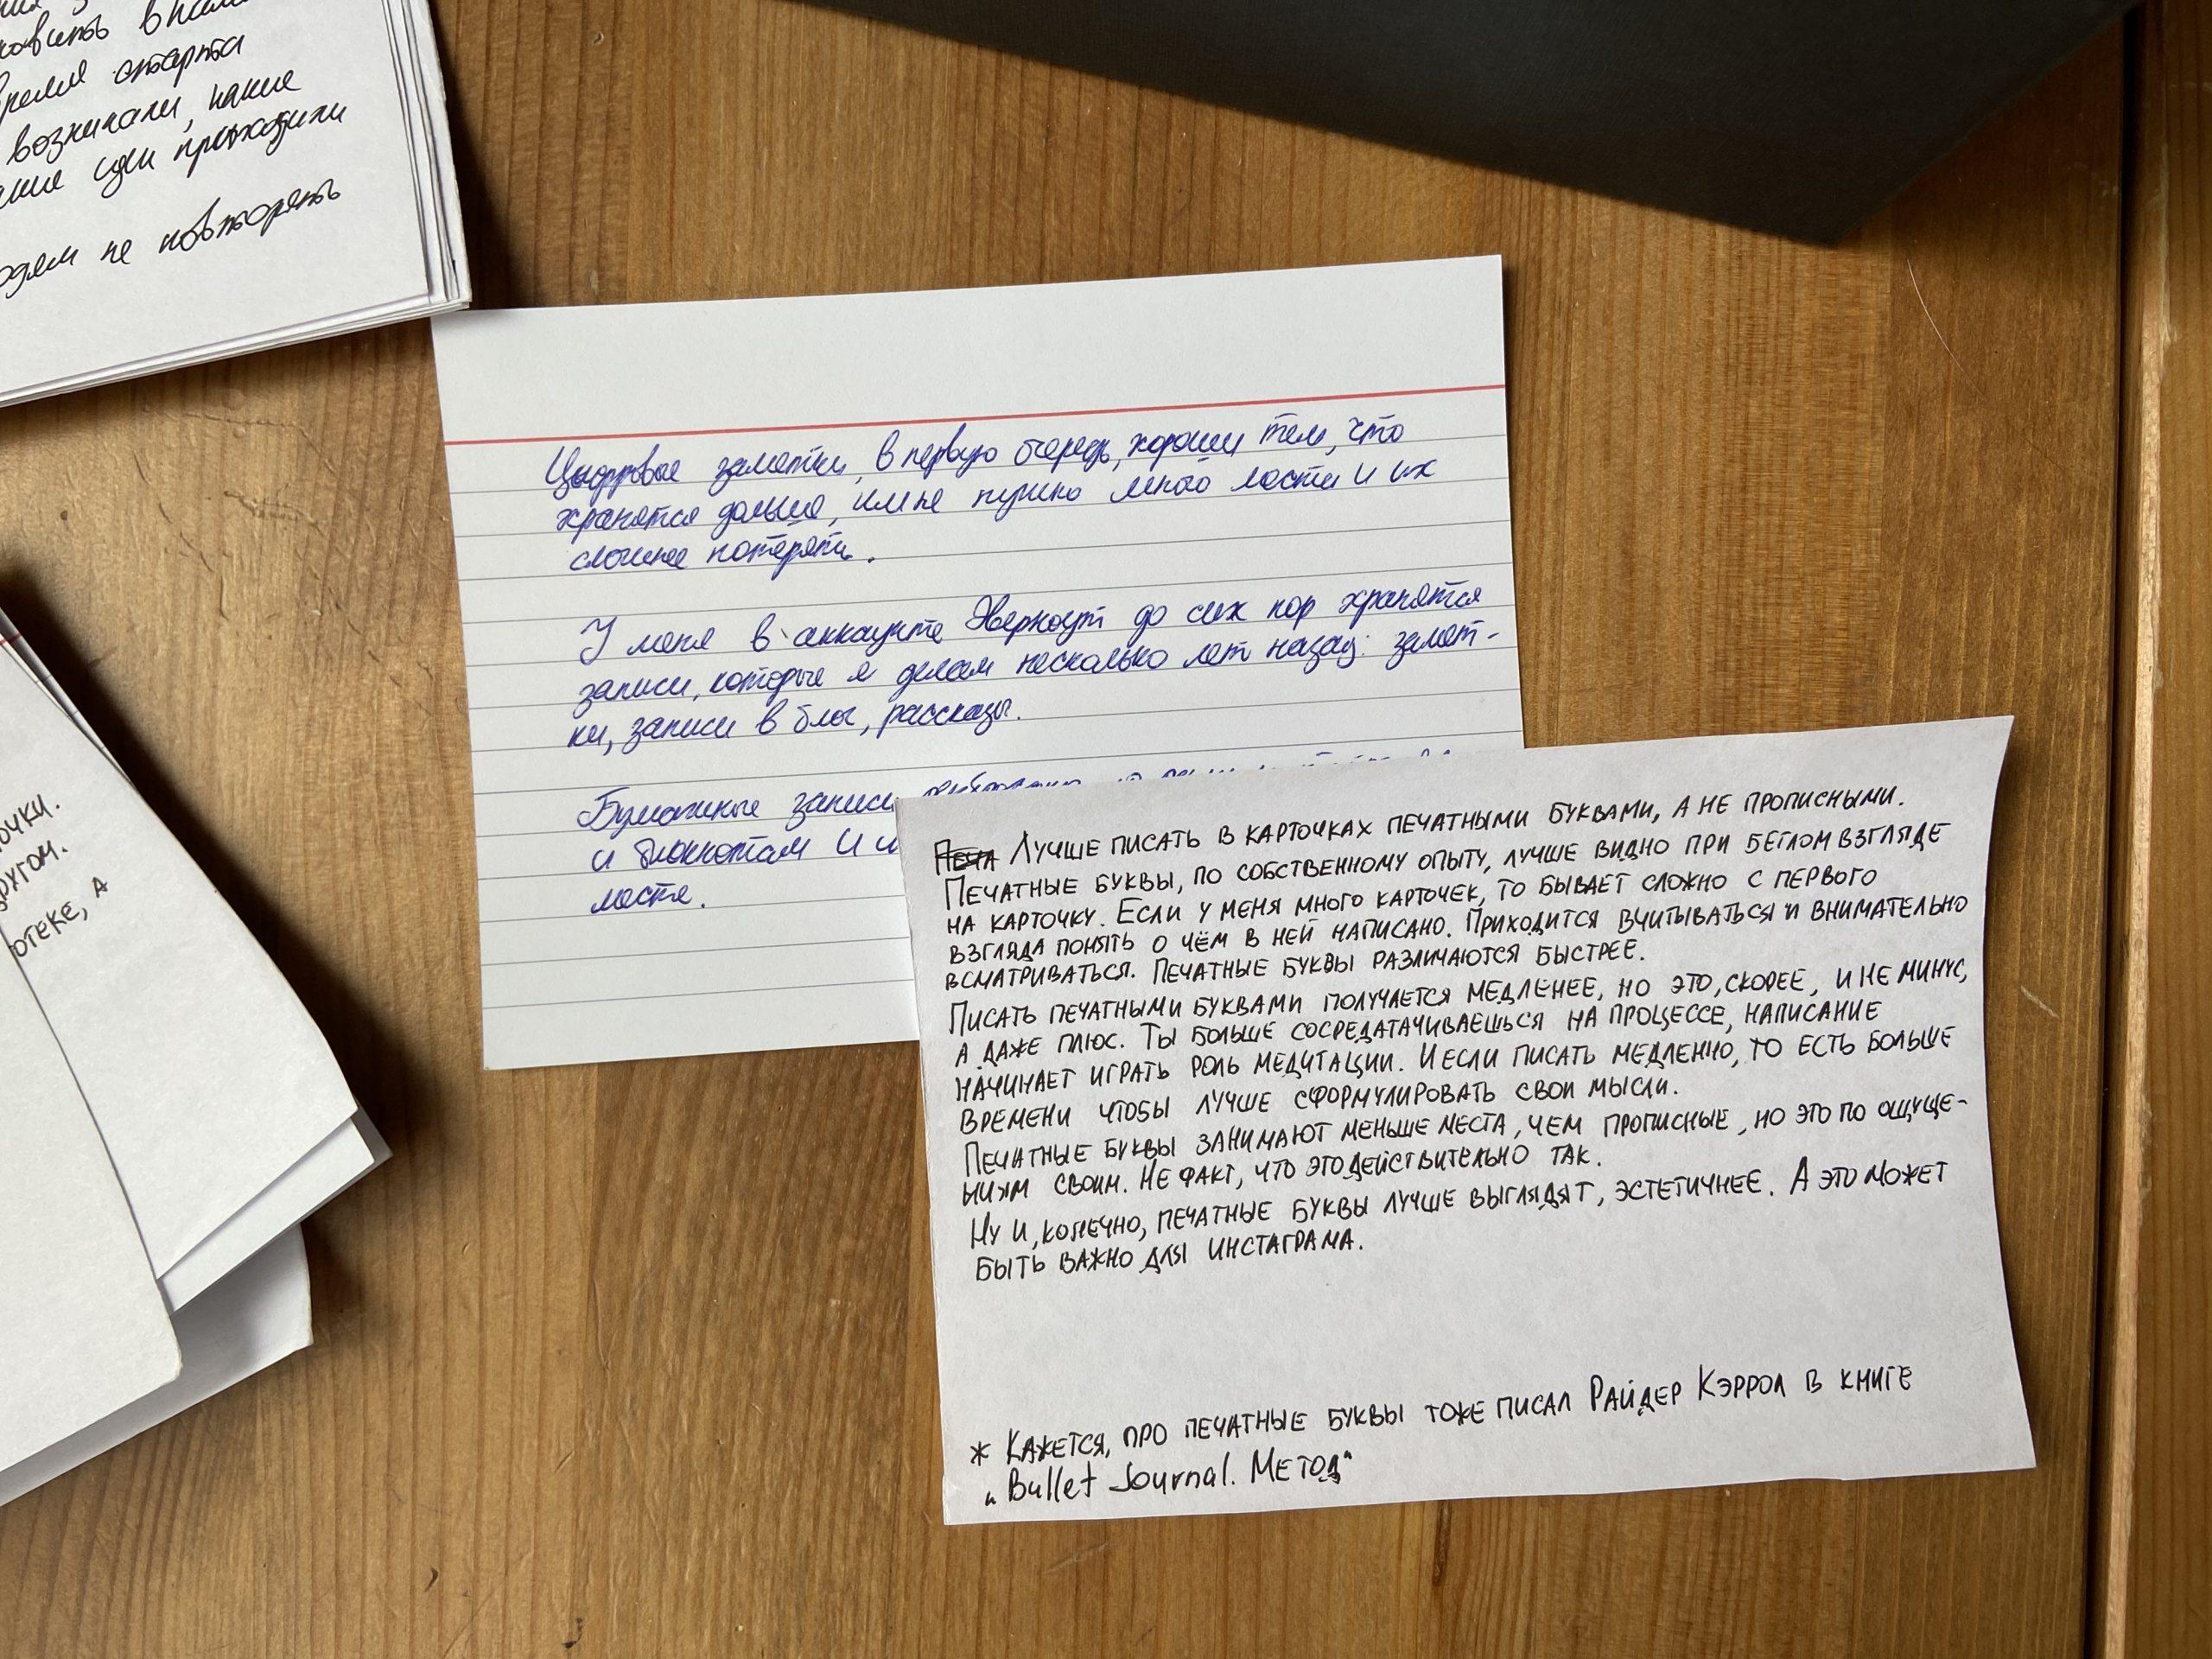 Печатные буквы читать удобнее, чем прописные